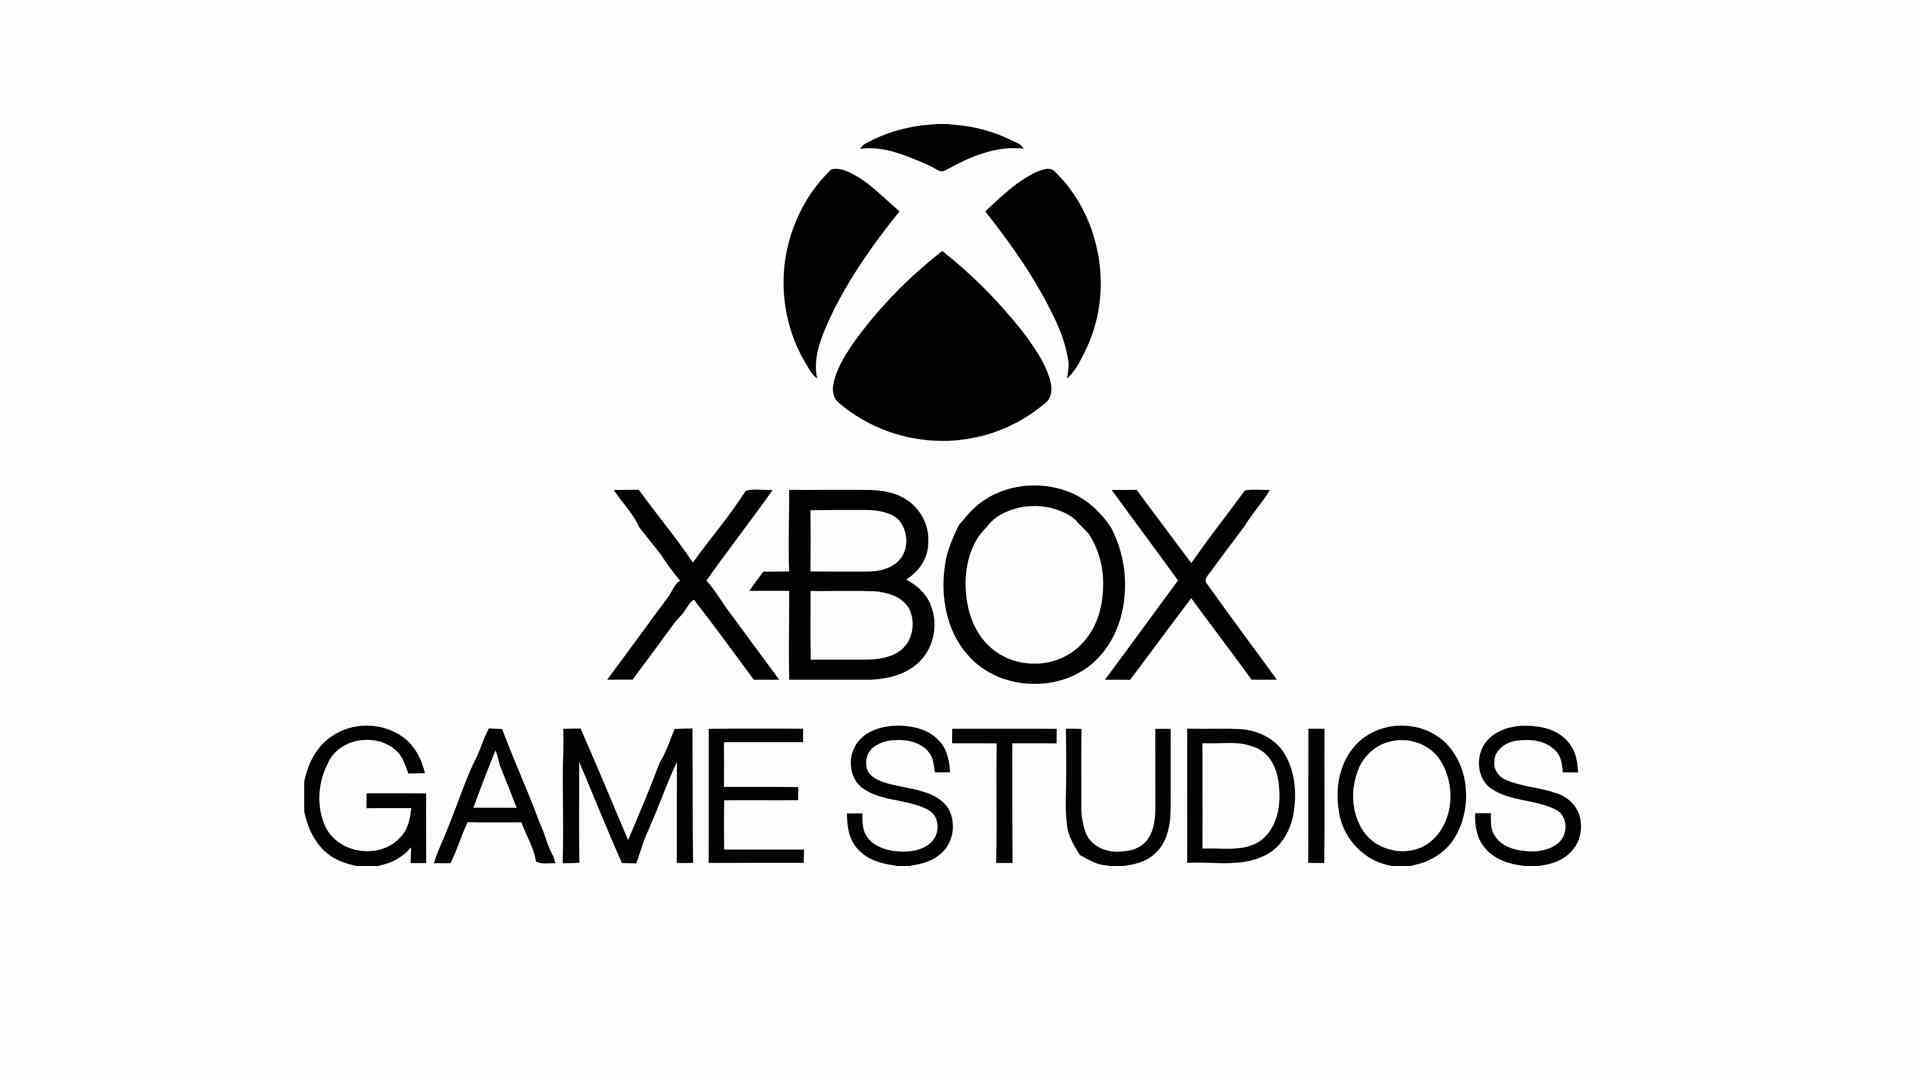 شایعه: ممکن است که مایکروسافت در رویداد E3 از خرید یک استودیوی جدید رونمایی کند